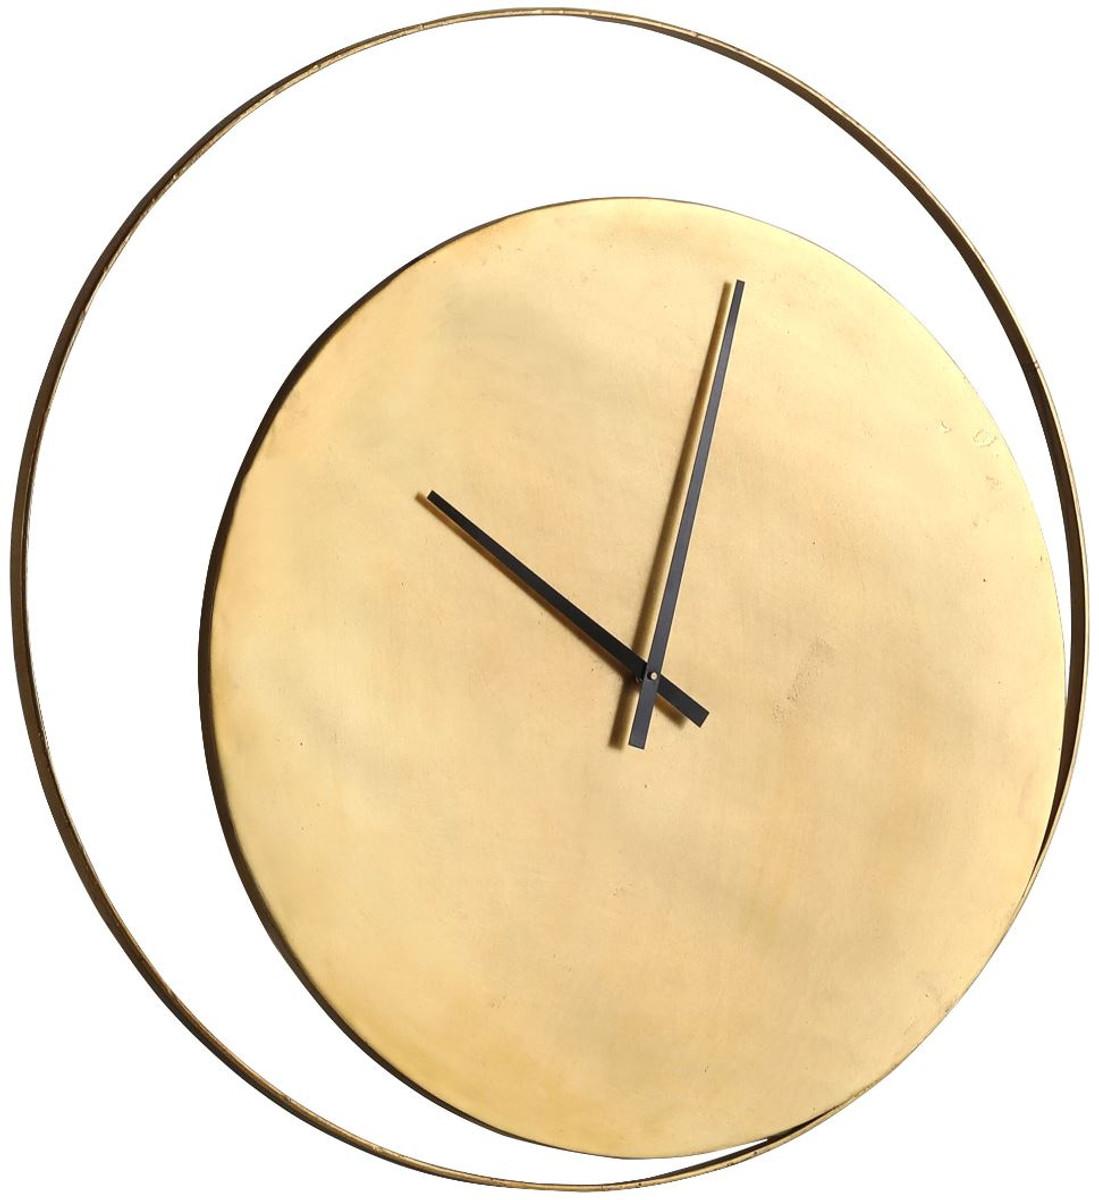 Casa Padrino Designer Wanduhr Gold Ø 9 cm - Runde Industrial Design Metall  Uhr - Wohnzimmer Deko Accessoires